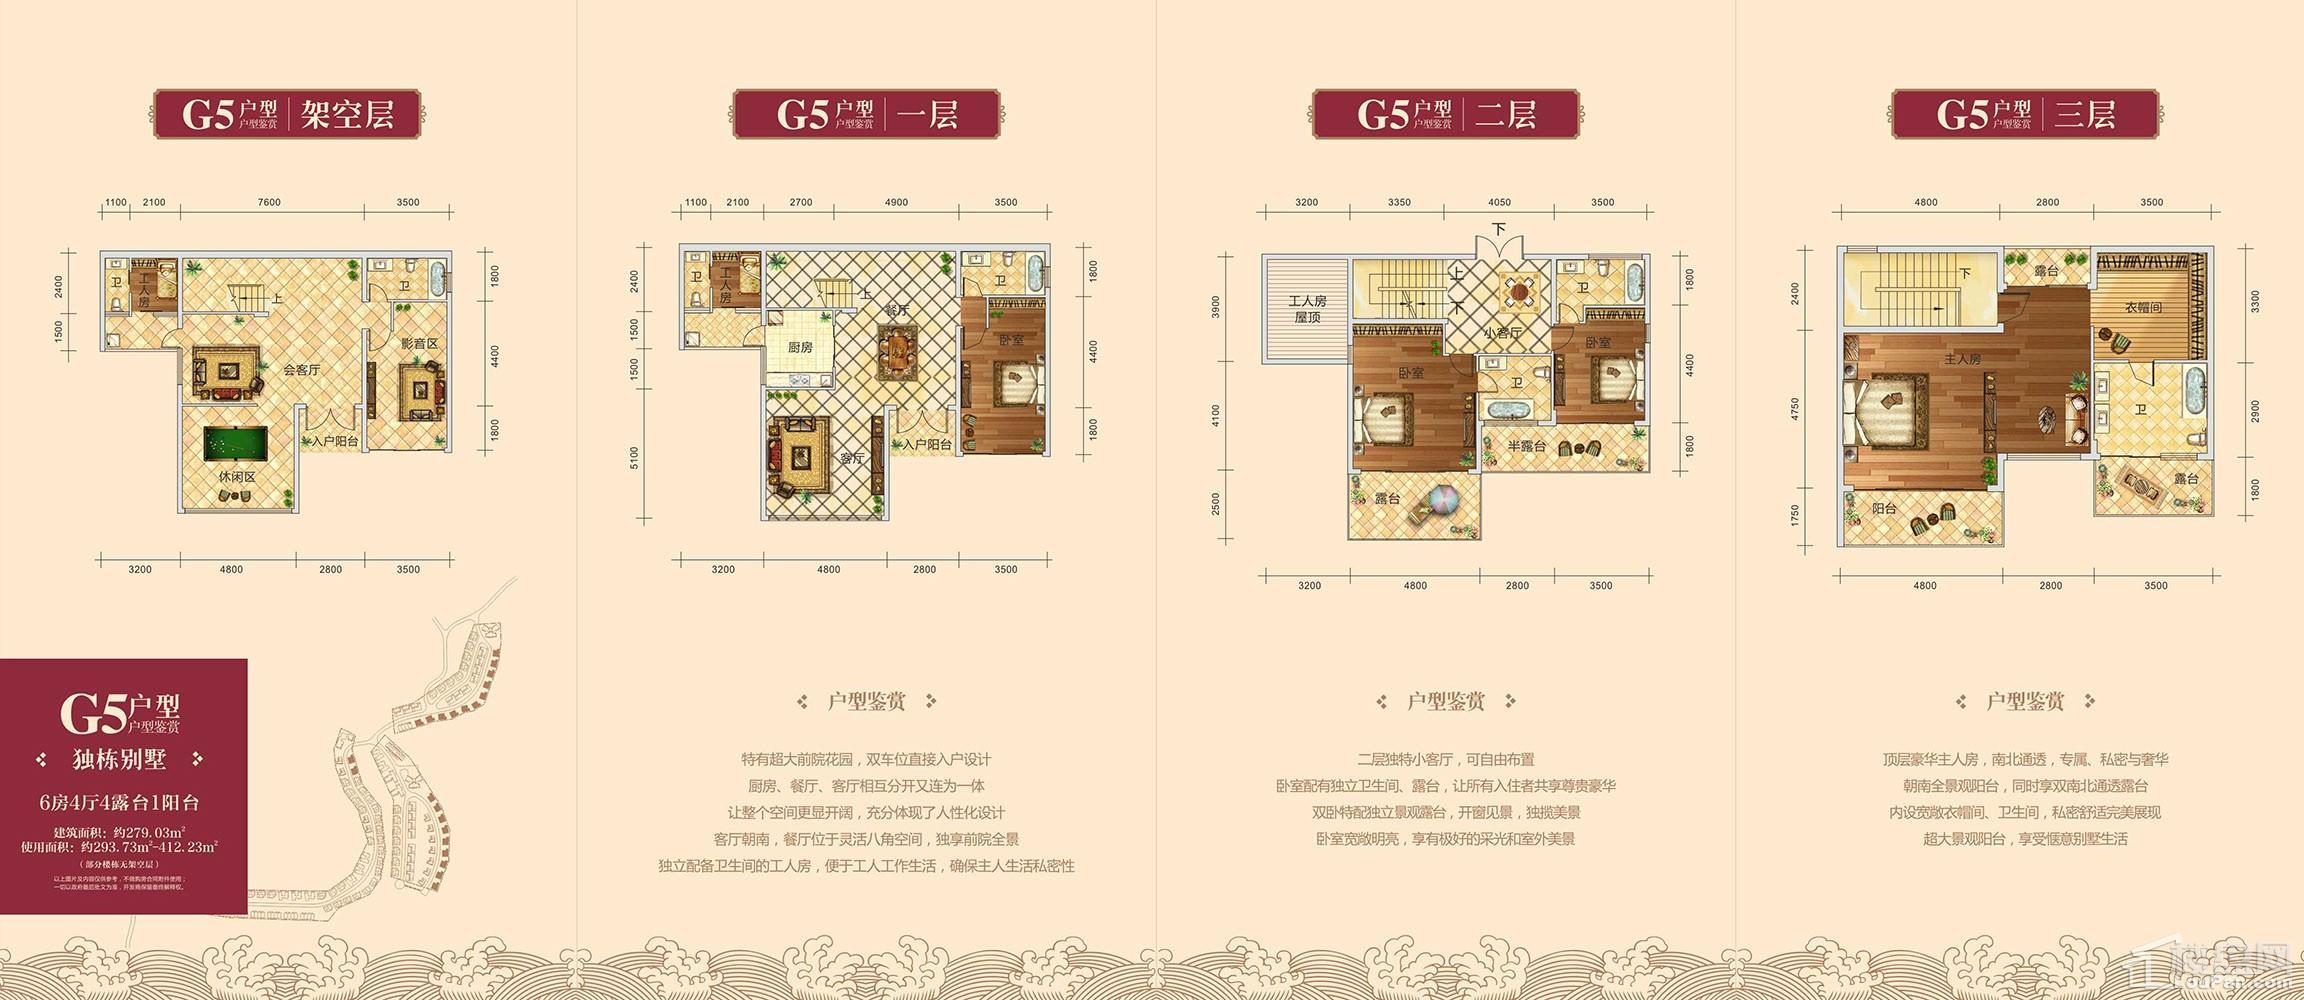 颐和庄园独栋别墅G5户型